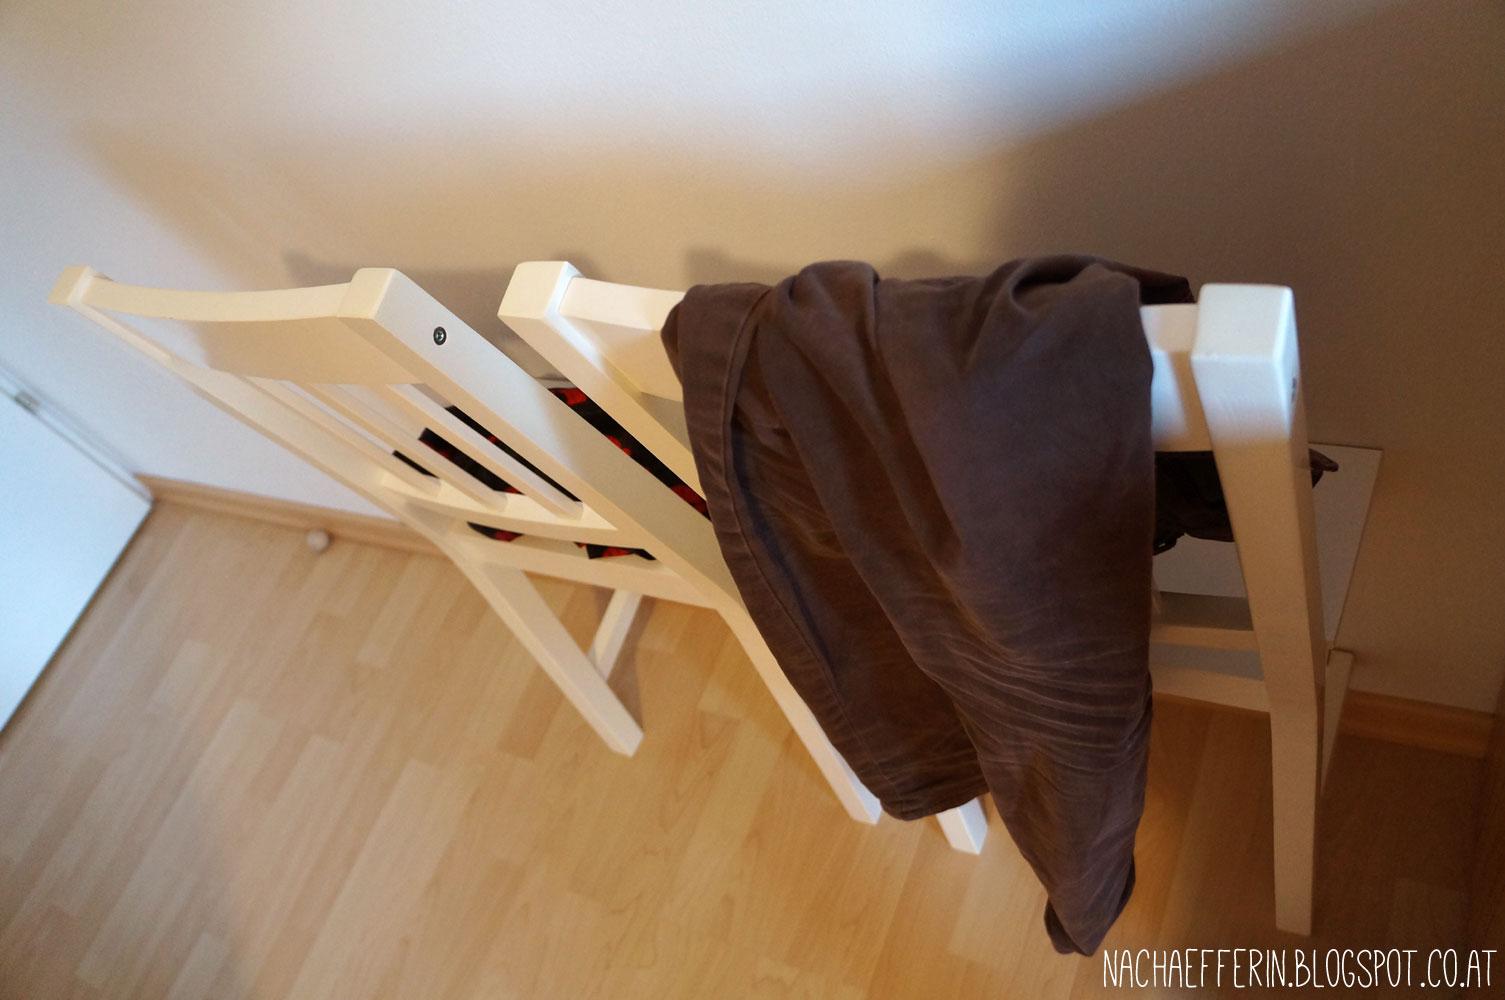 Pro Stuhl Zwei Winkel Einerseits Unten An Der Sitzfläche Befestigt Und Andererseits Wand Geschraubt